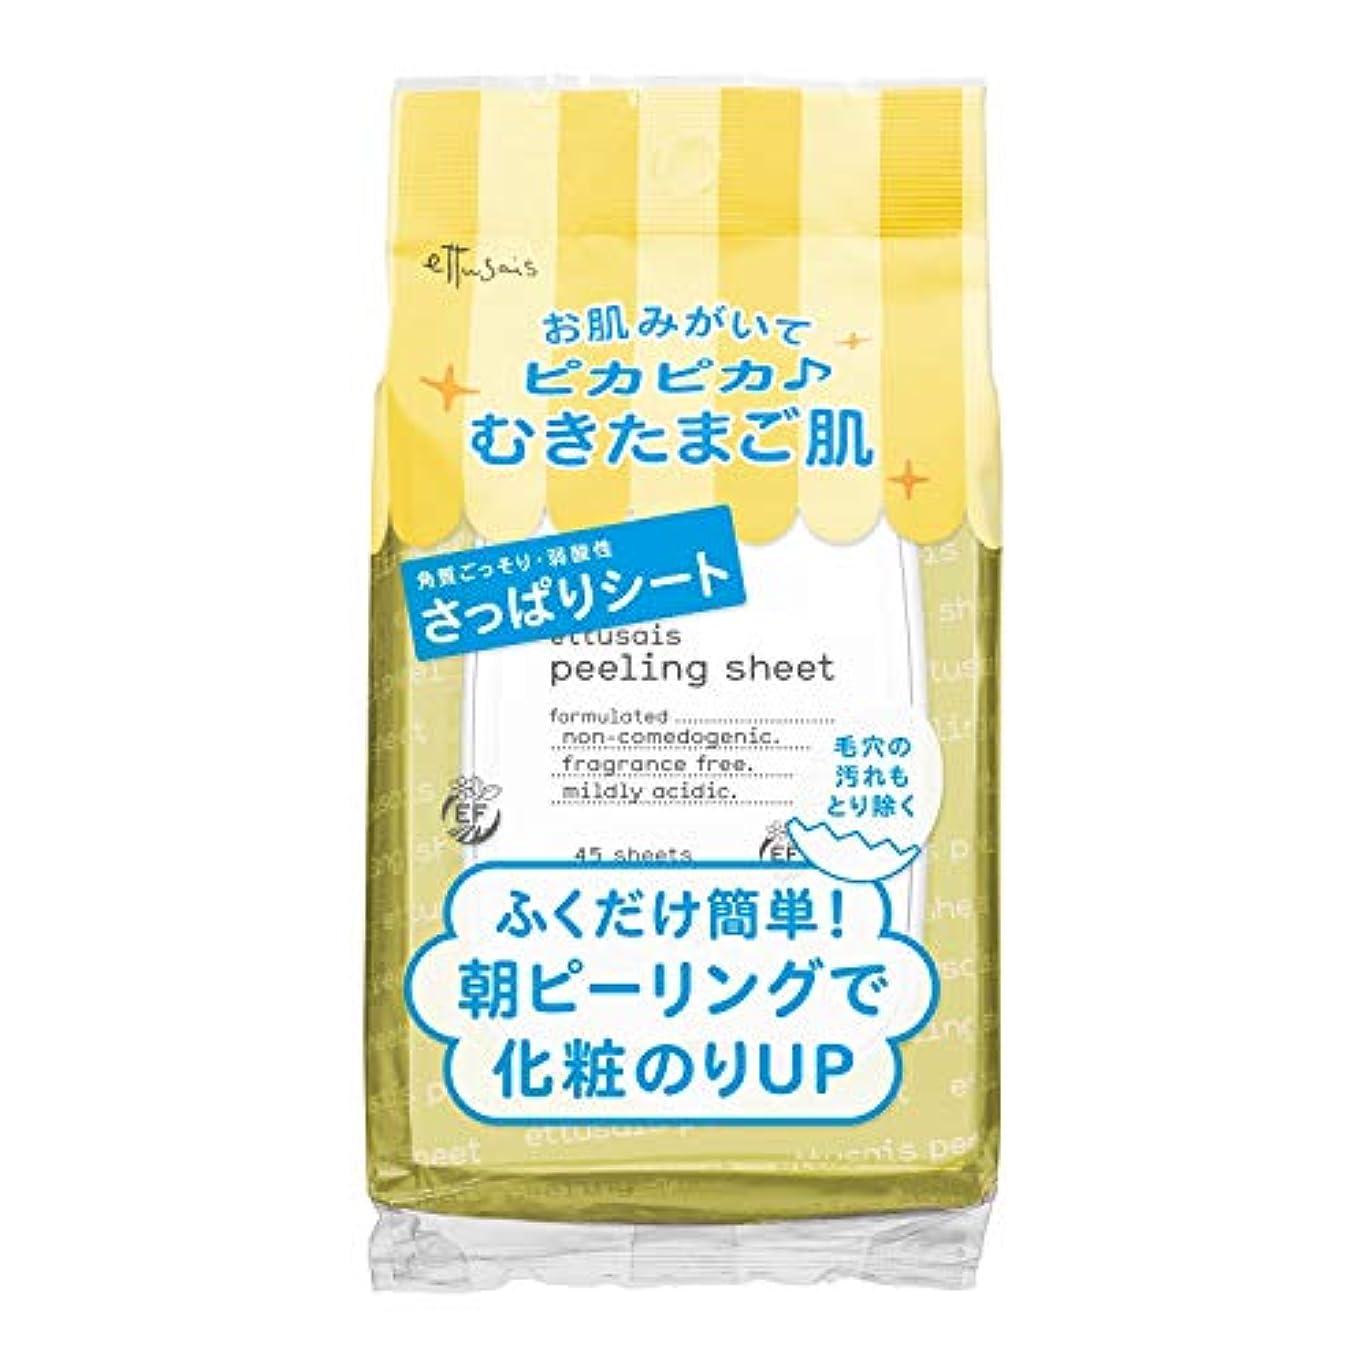 ロビー食料品店マナーエテュセ ふきとりピーリングシートN シート状除去化粧水 弱酸性 45枚入